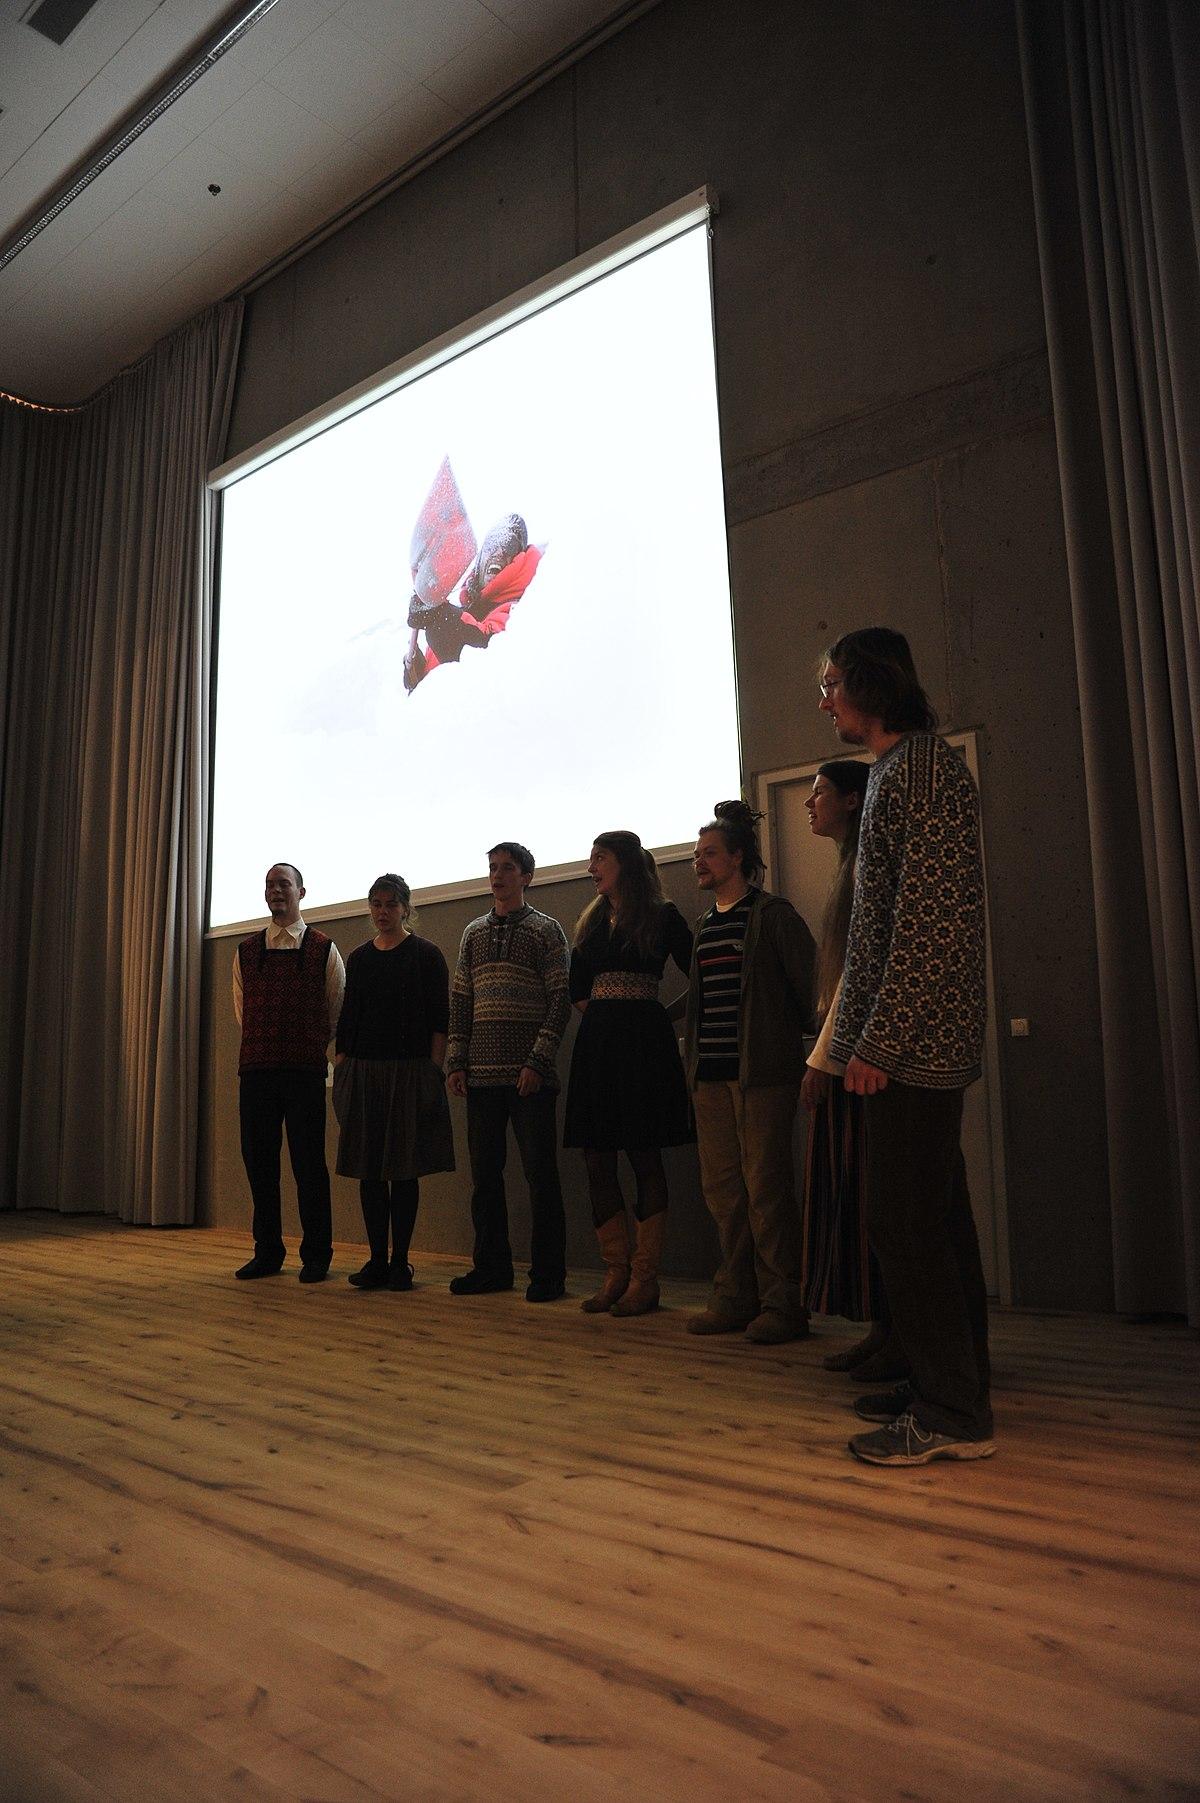 Piia from eesti - 2 part 2